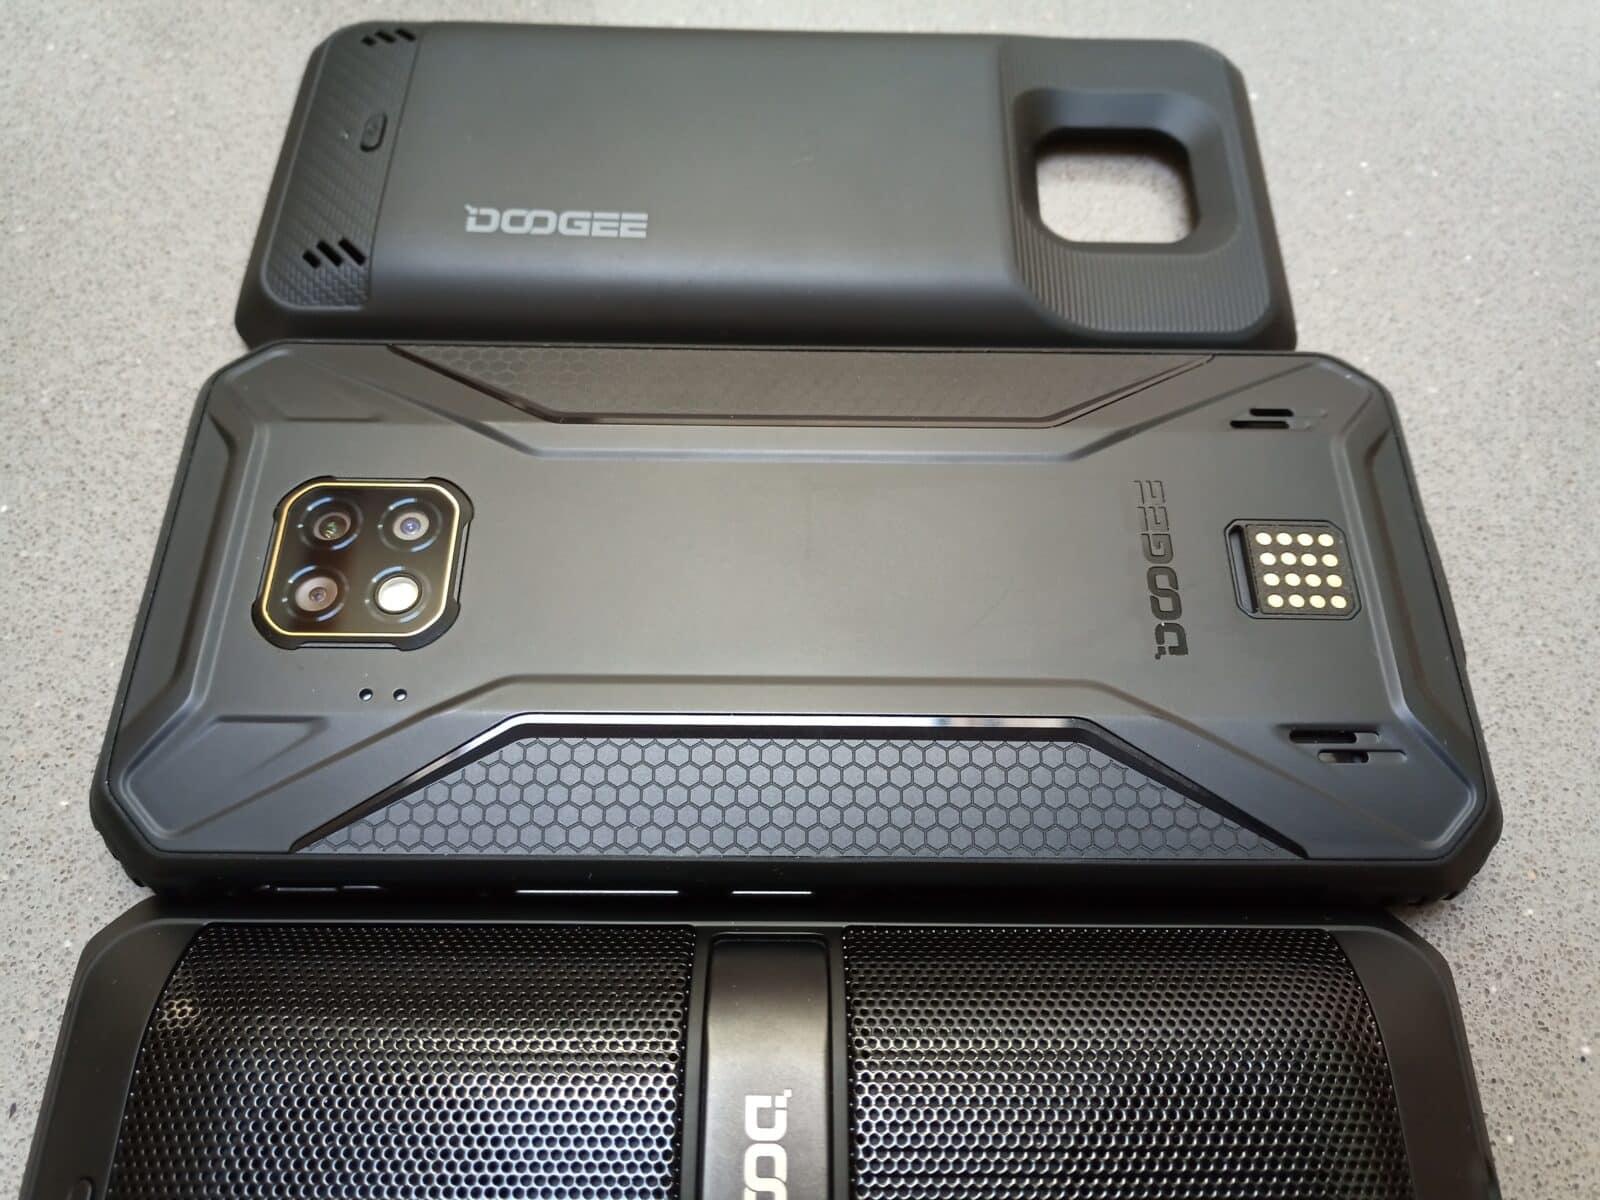 Avis du Doogee S95 Pro